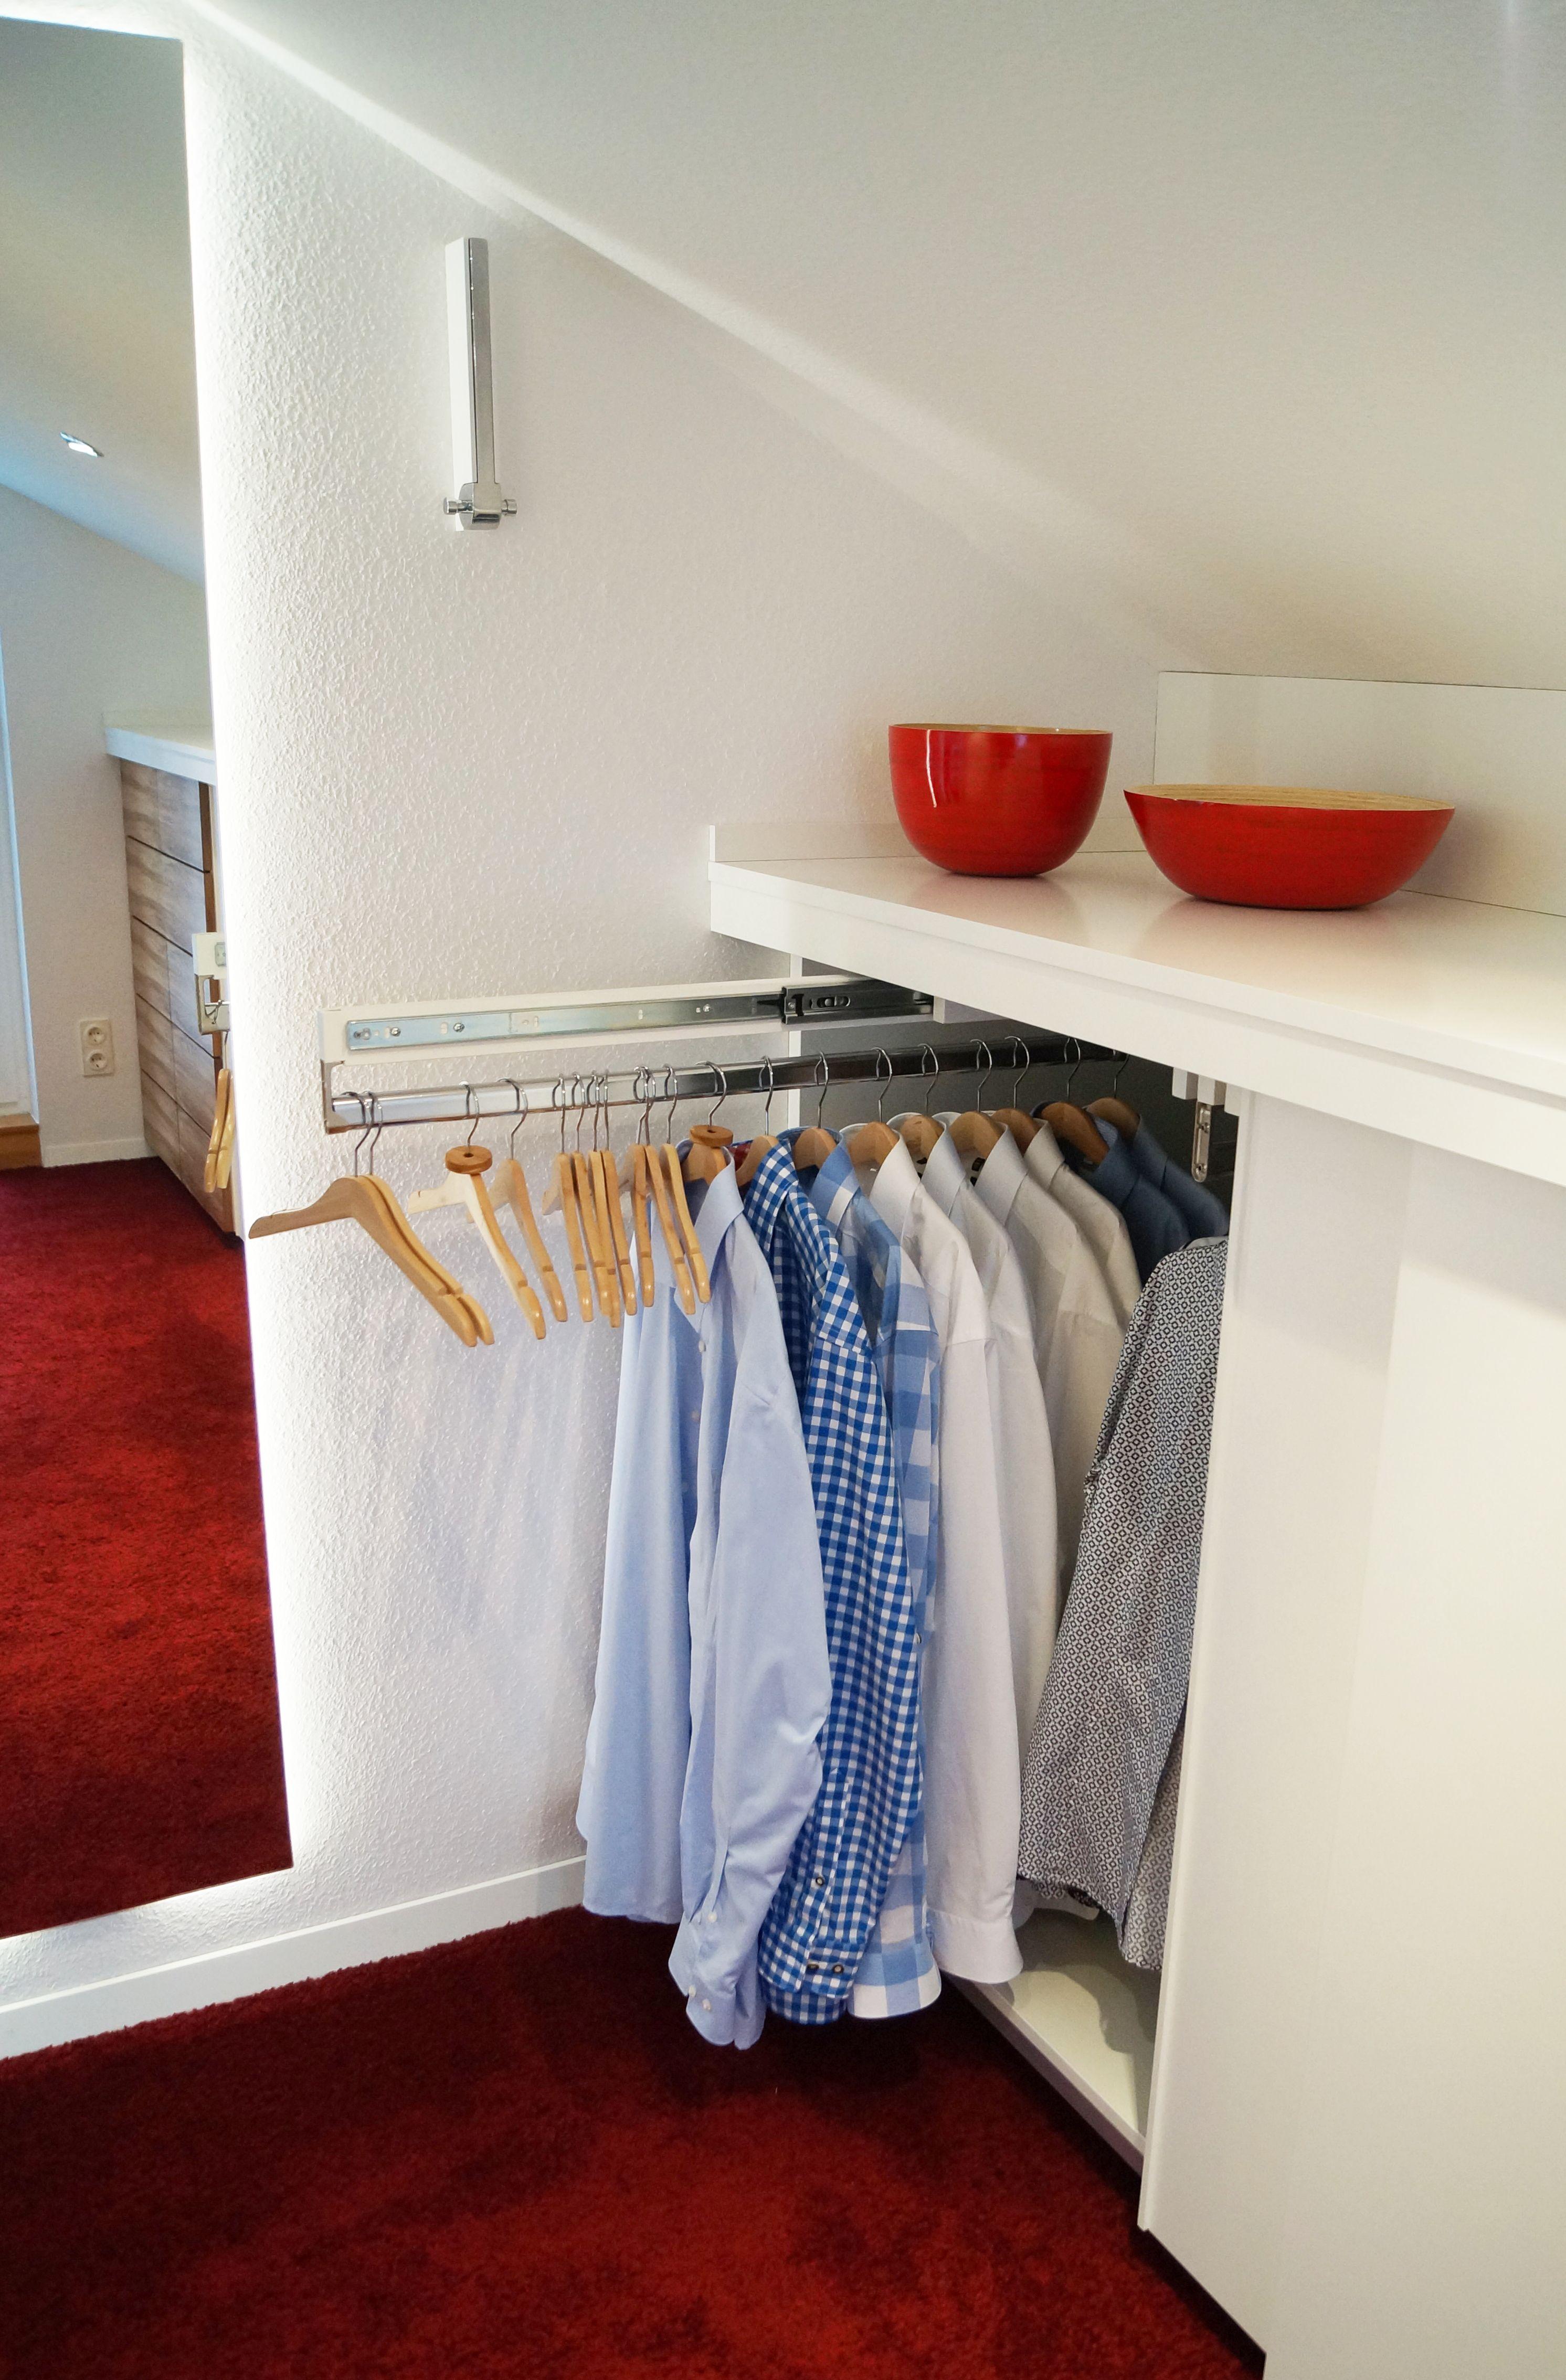 Begehbarer Kleiderschrank Begehbarer kleiderschrank dachschräge ...